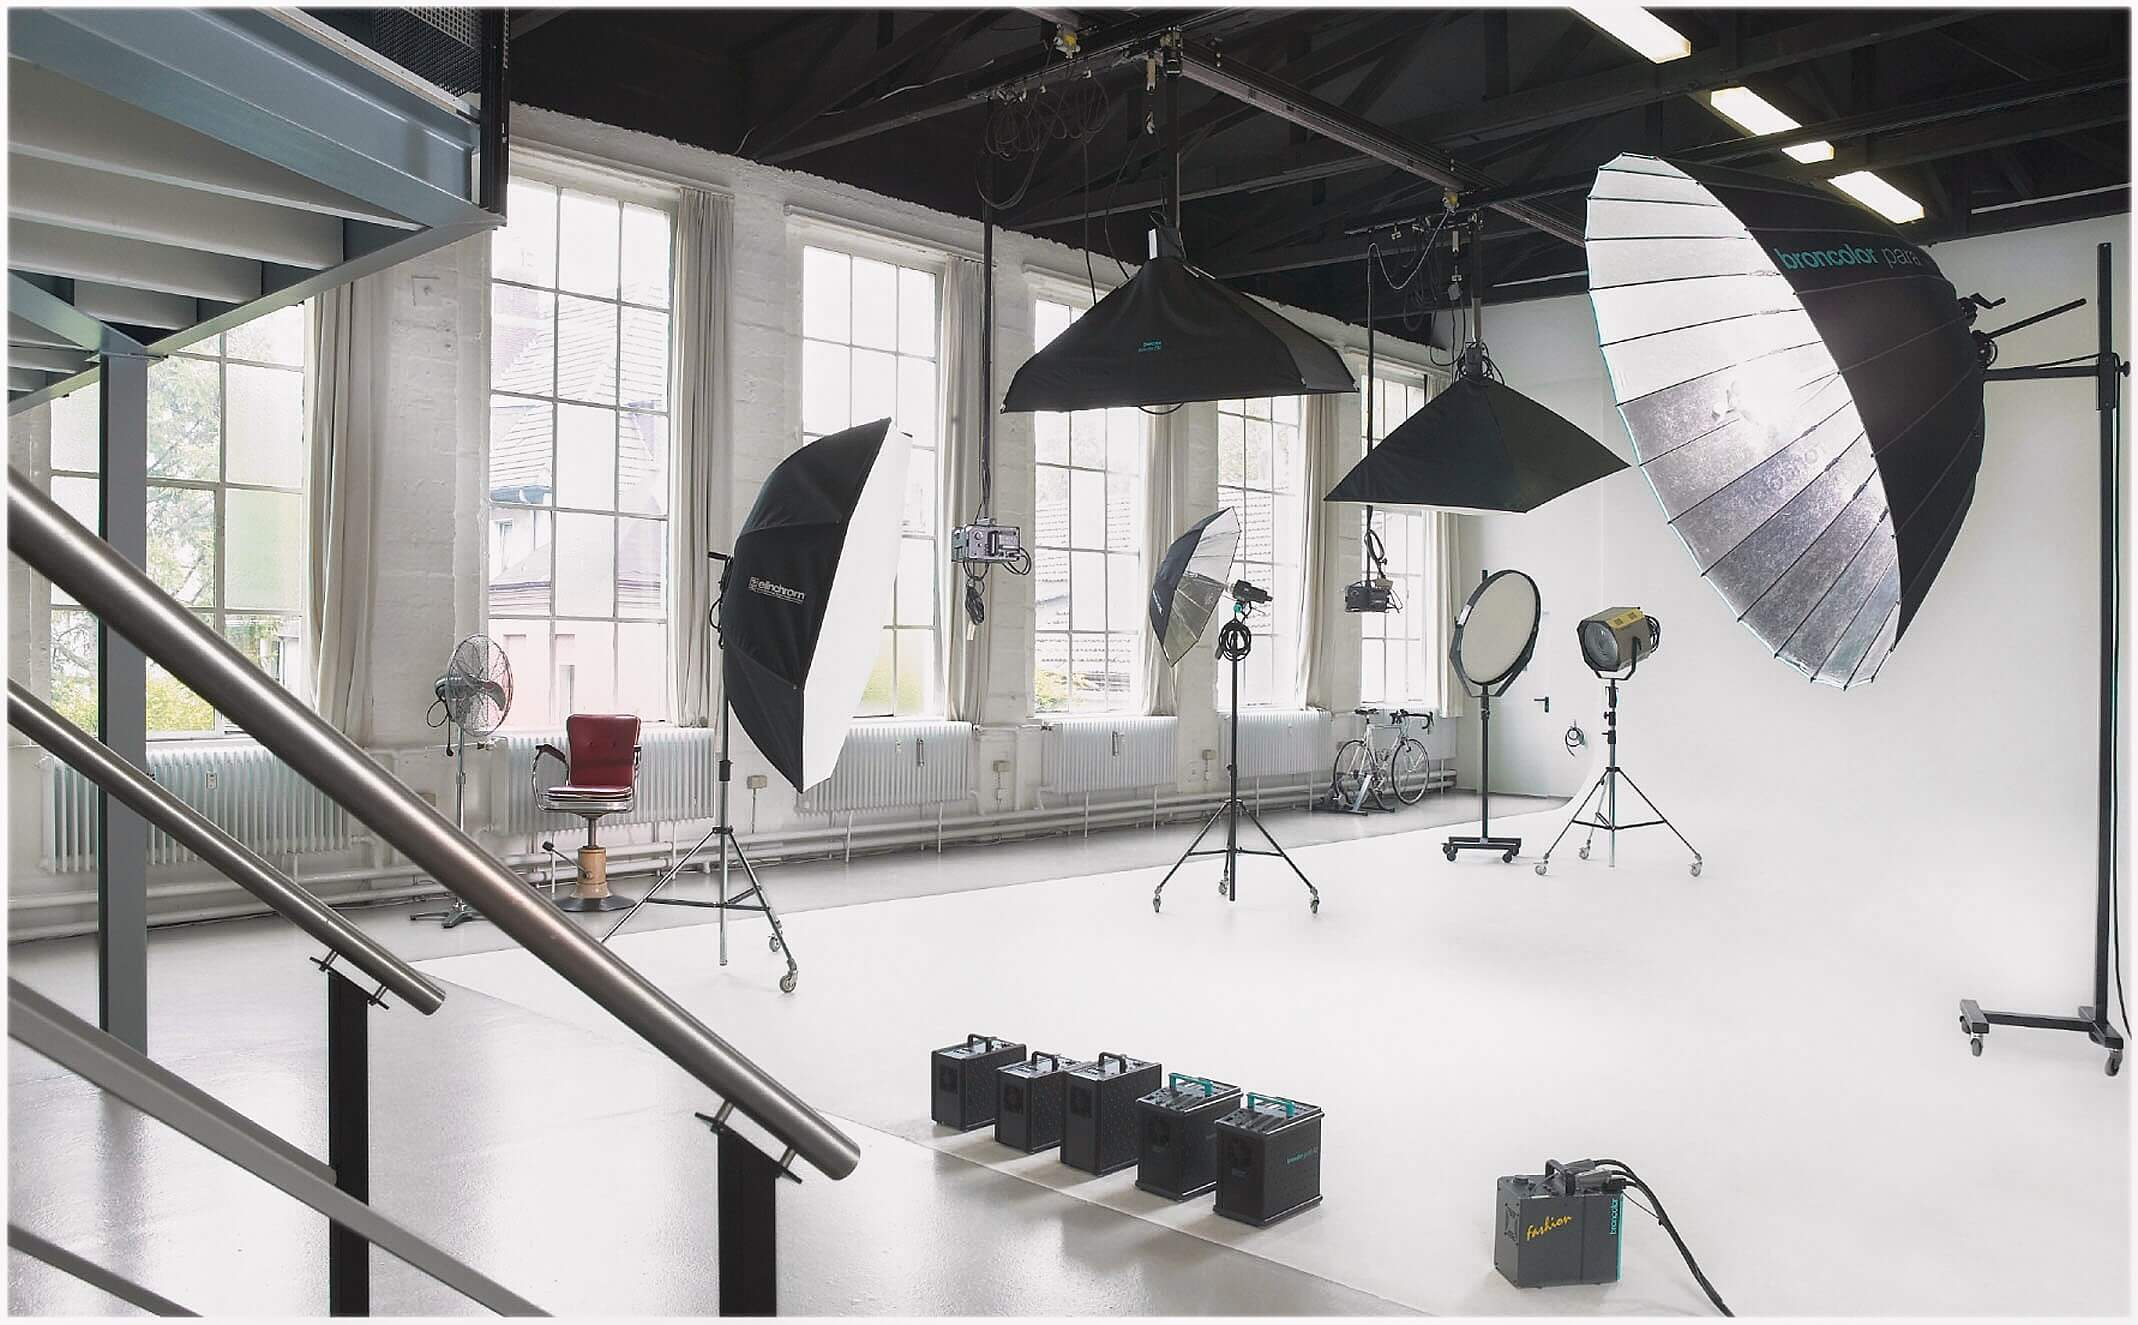 Pott Cast Studios